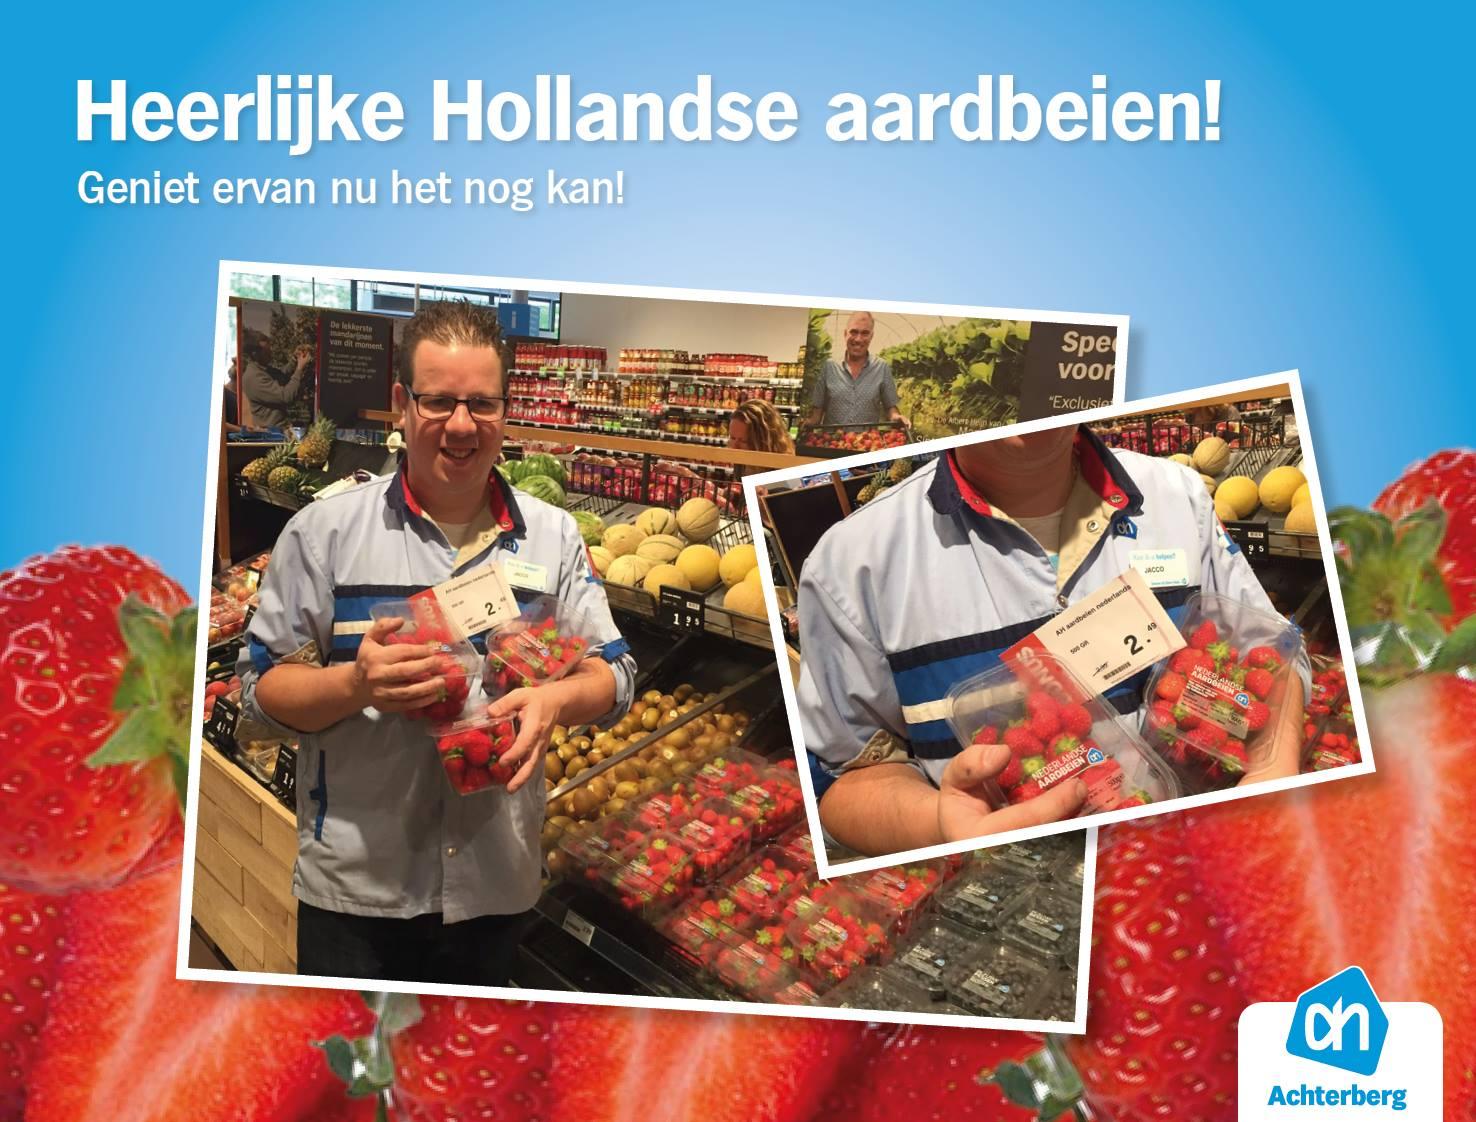 Heerlijke Hollandse aardbeien!